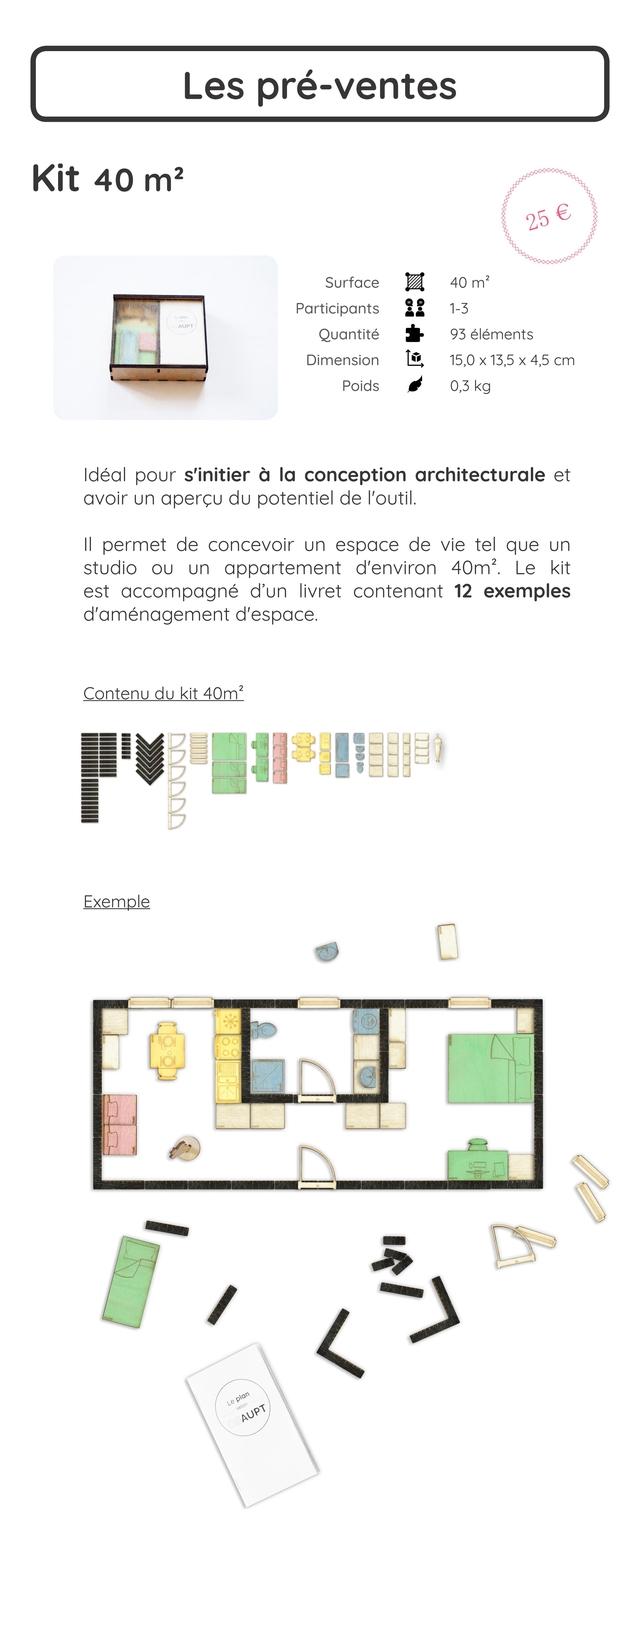 Les pre-ventes Kit 40 m2 Surface m2 Participants 1-3 Quantite 93 elements Dimension 15,0 X 13,5 X 4,5 cm Poids 0,3 kg deal pour s'initier a la conception architecturale et avoir un apercu du potentie de I'outil. II permet de concevoir un espace de vie tel que studio OU un appartement d'environ 40m2 Le kit est accompagne d'un livret contenant 12 exemples d'amenagement d'espace. Contenu du kit 40m? Exemple